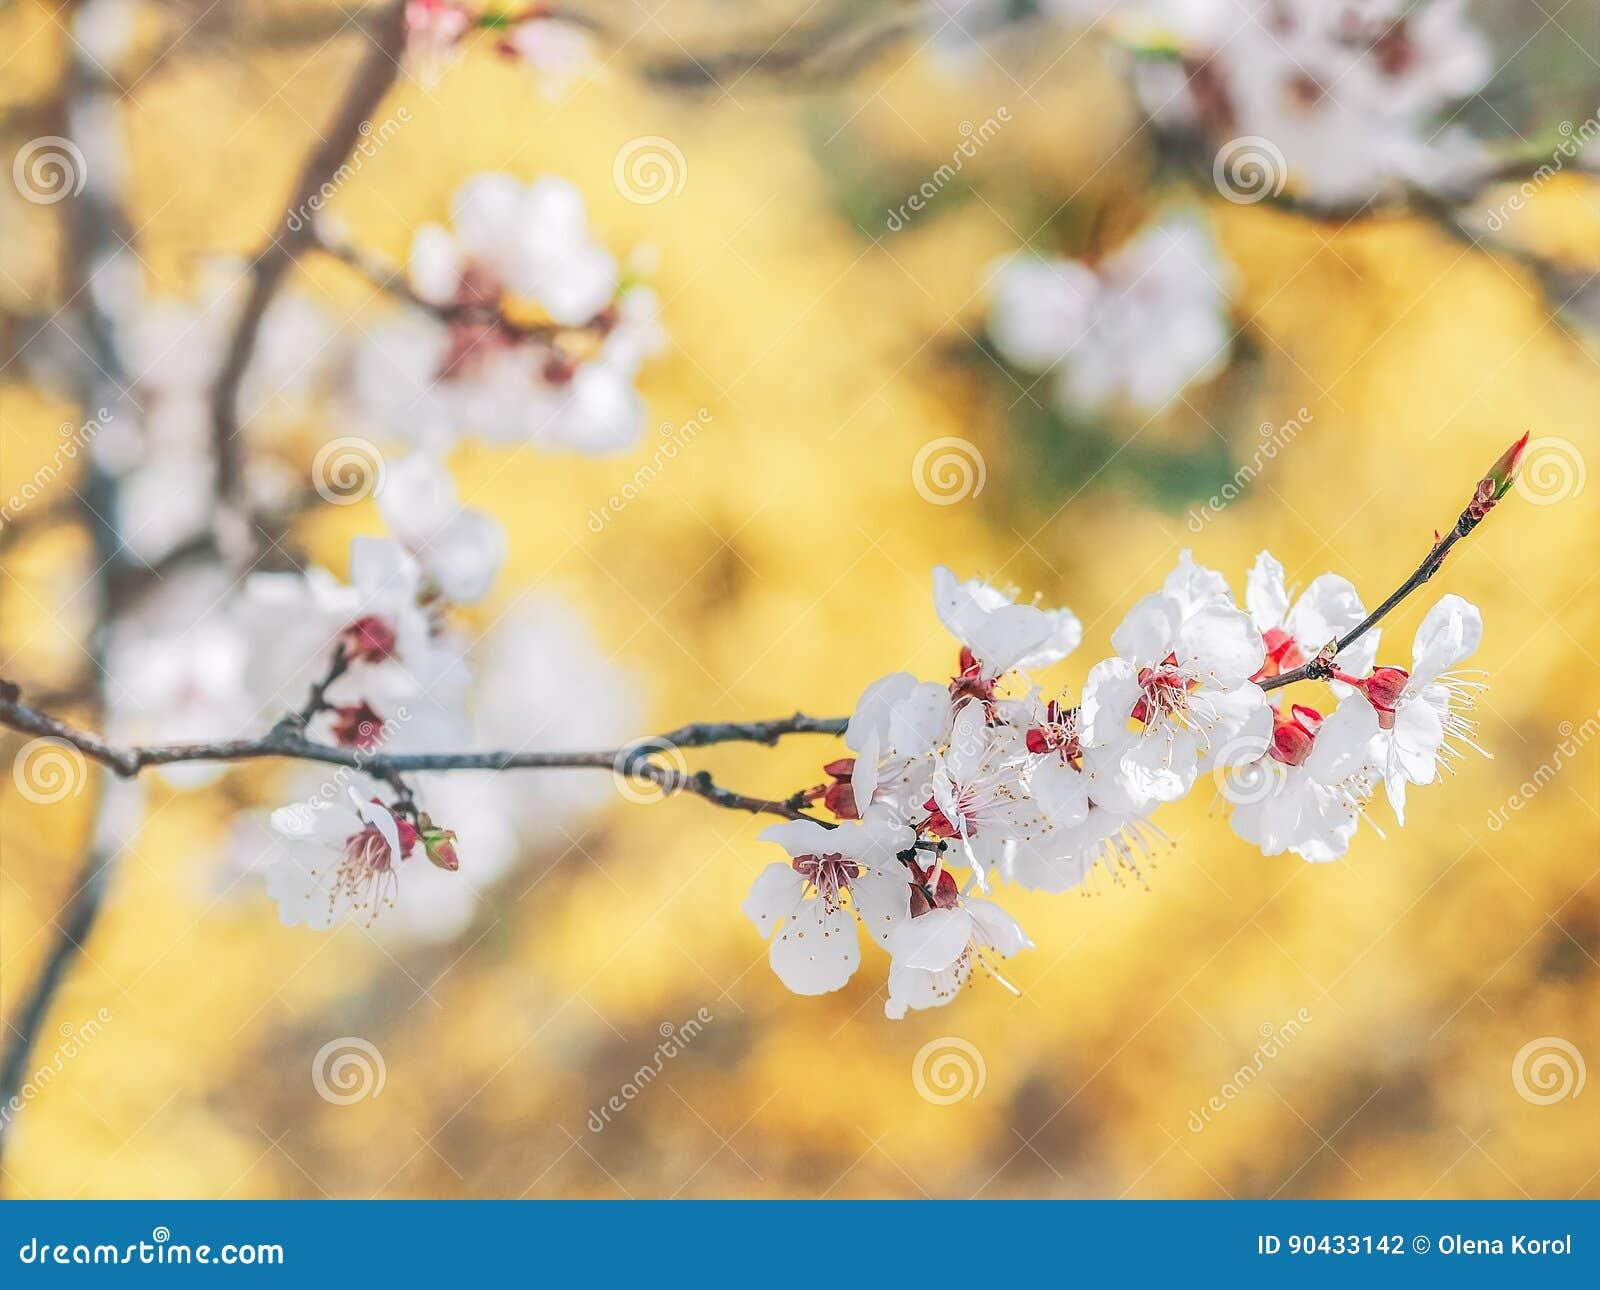 Kwitnące gałąź z białymi kwiatami starożytny ciemności tła papieru akwareli żółty Wiosna w Ukraina Biały ostrze i defocused kwiat